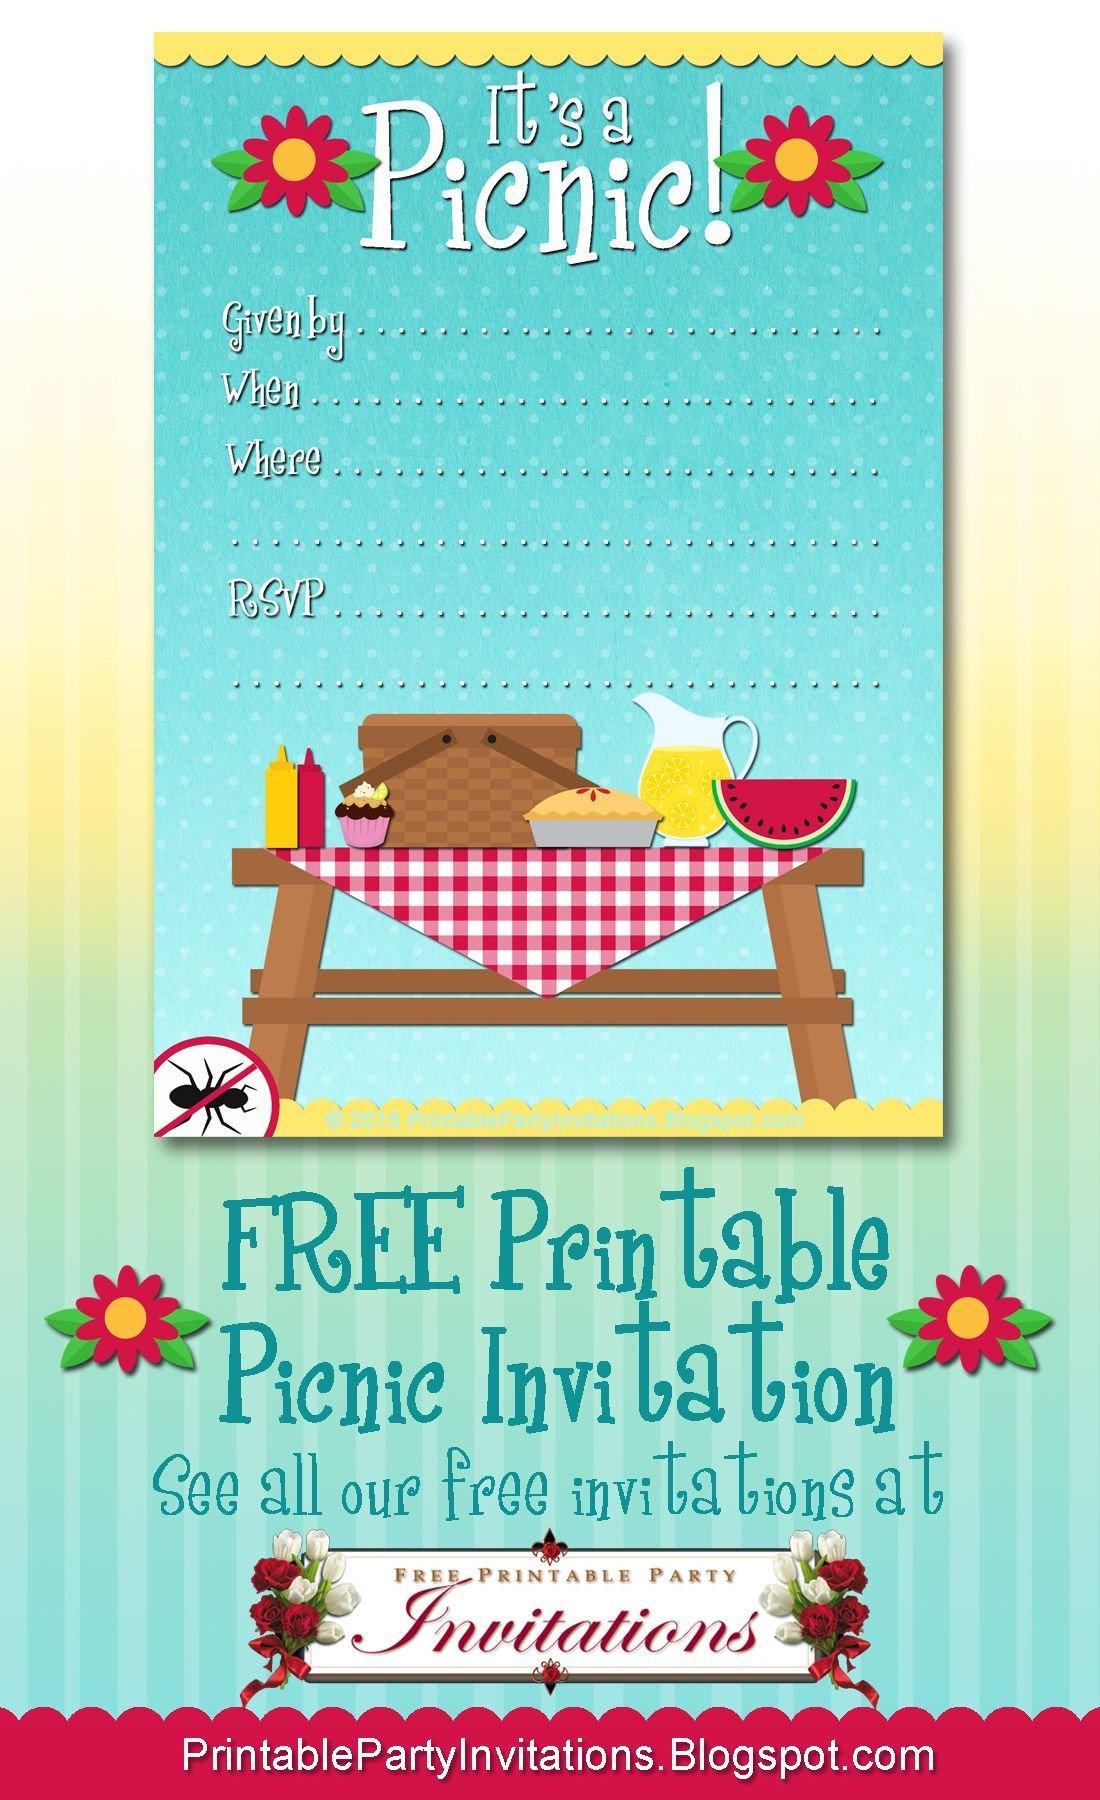 Free Downloadable Picnic Invitation Template Free Printable Picnic Invitation